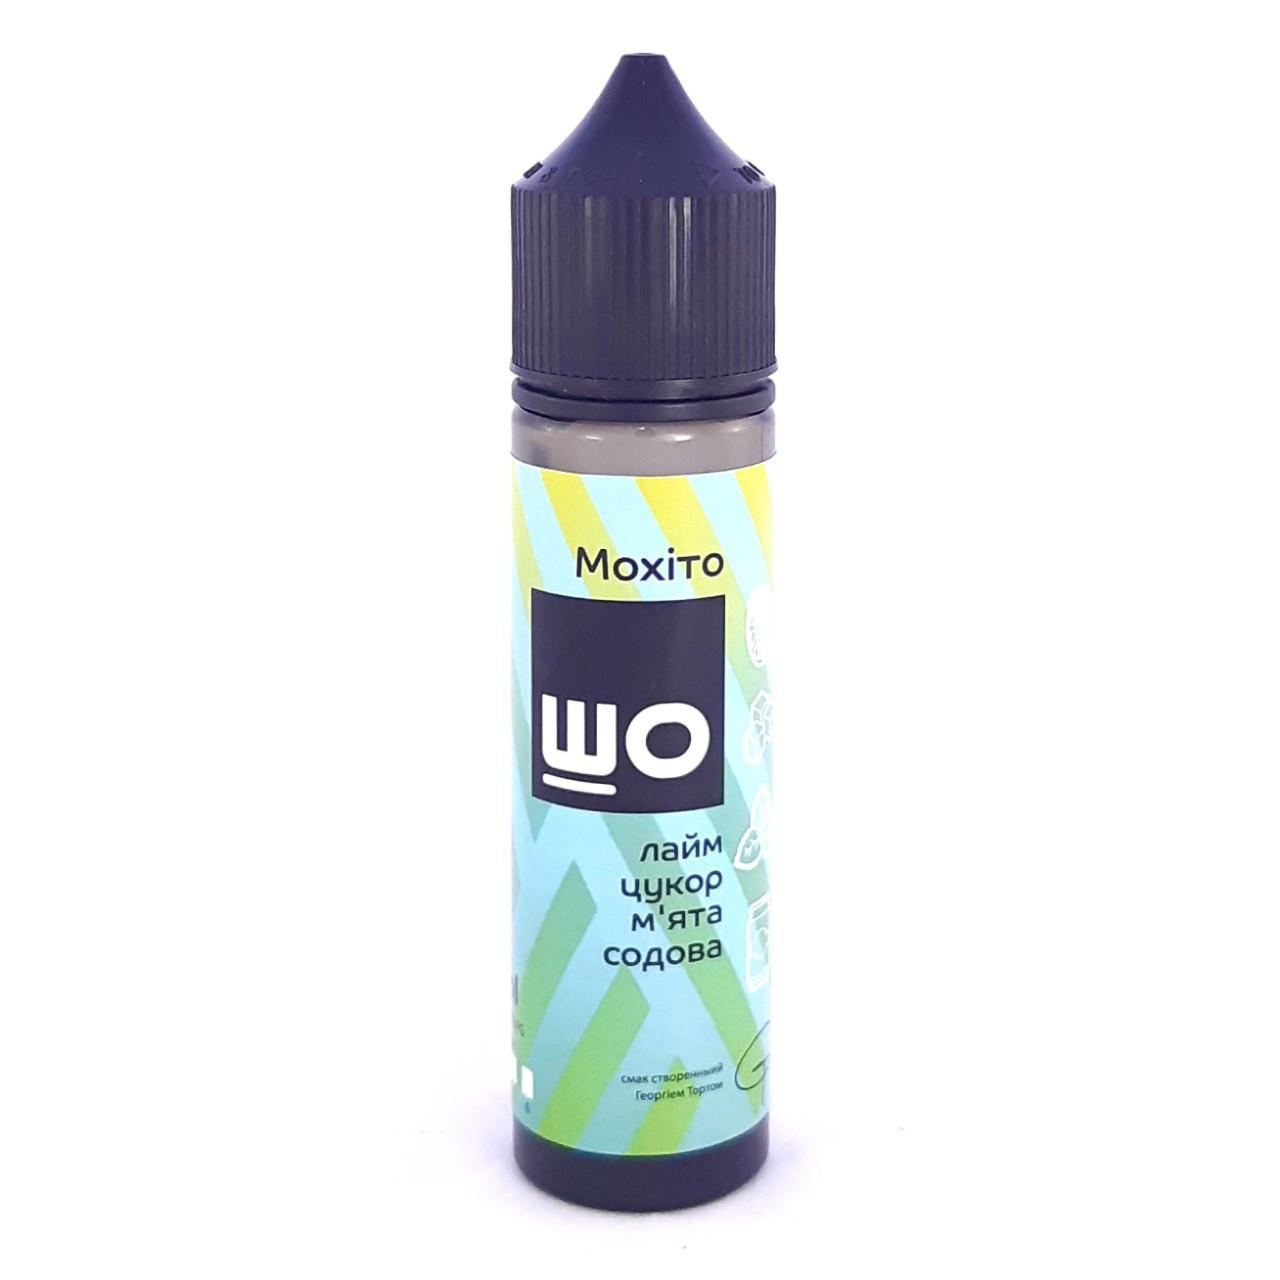 Жидкость для электронных сигарет ШО (60мл) 1.5 мг/мл, мохіто